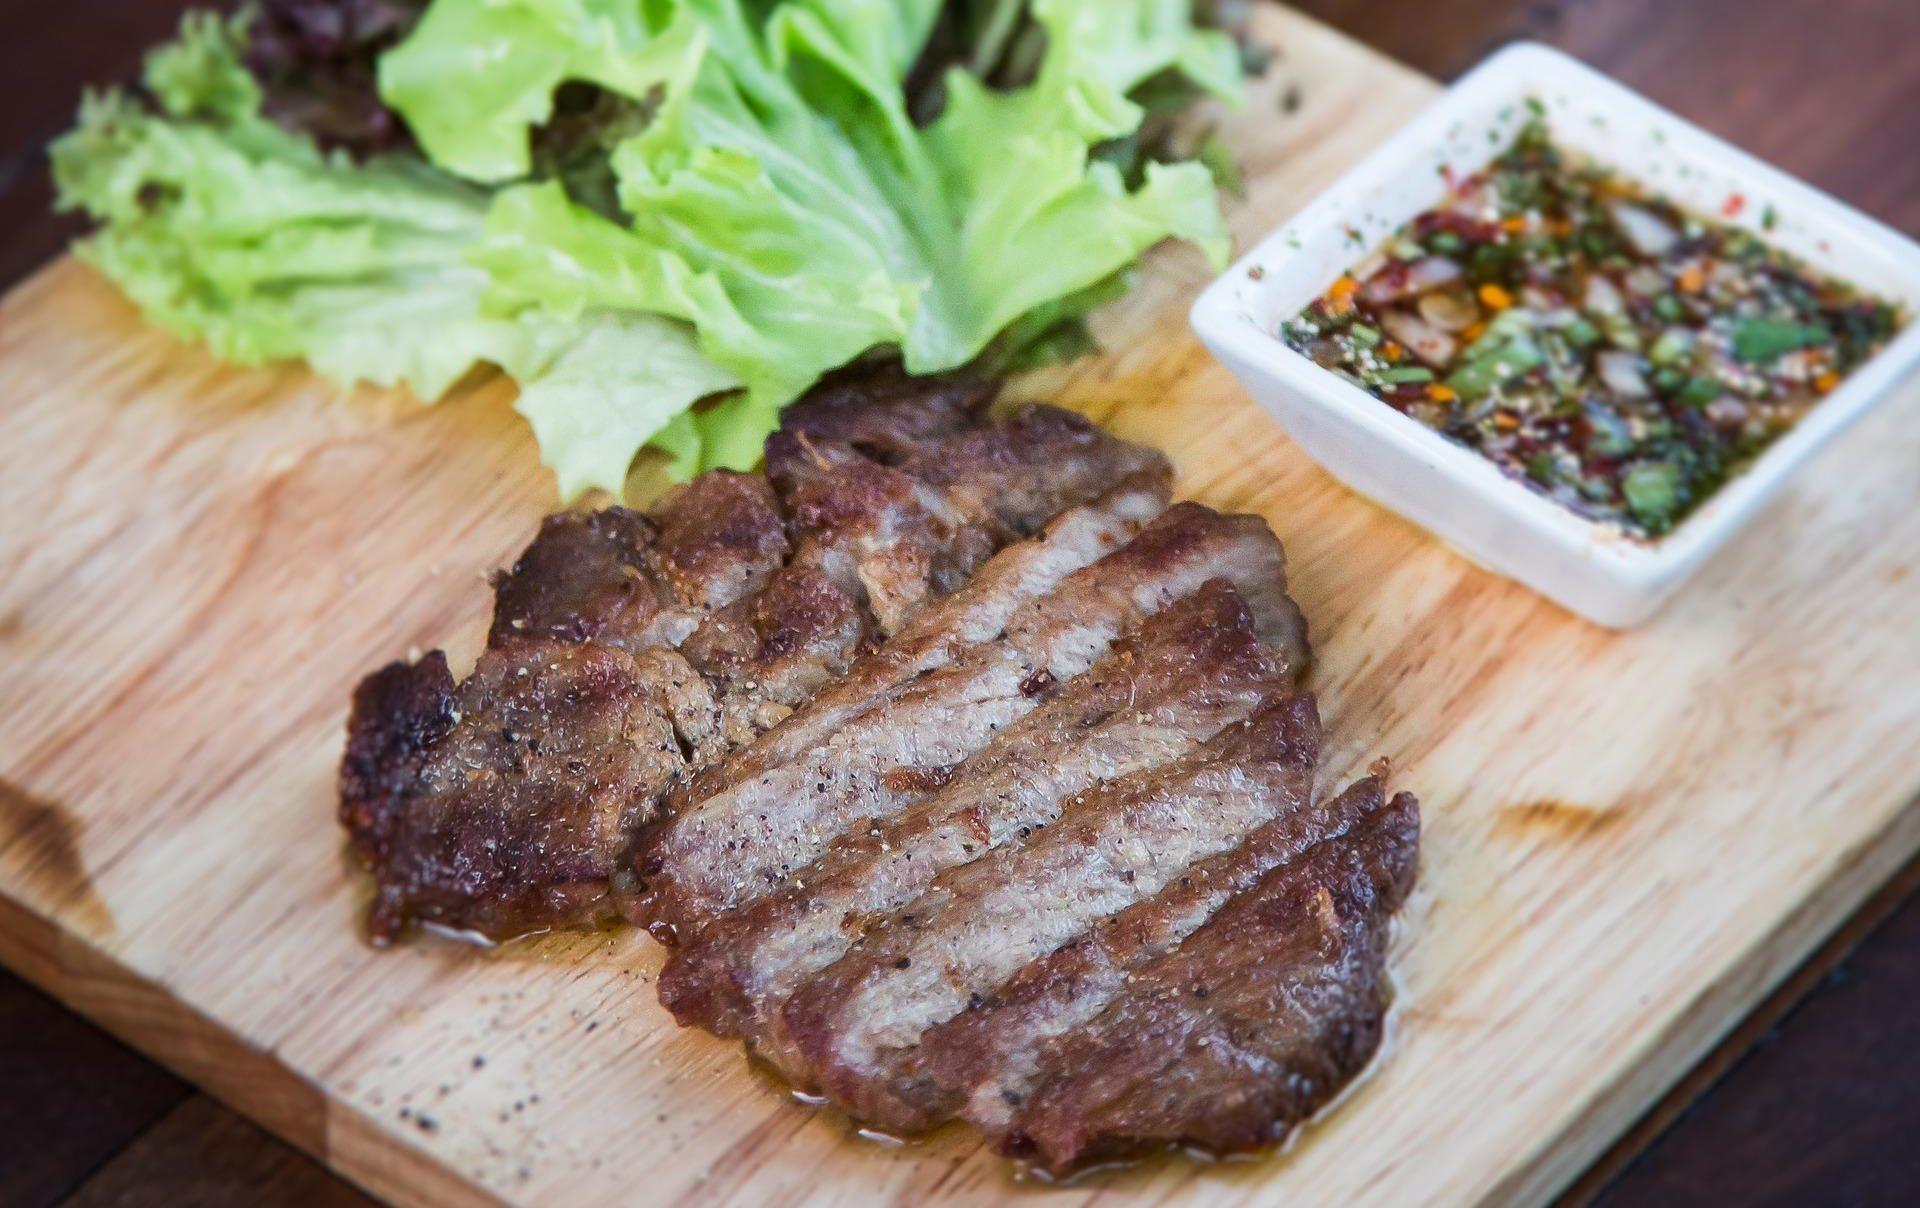 стейк из свиной шеи с салатом и соусом